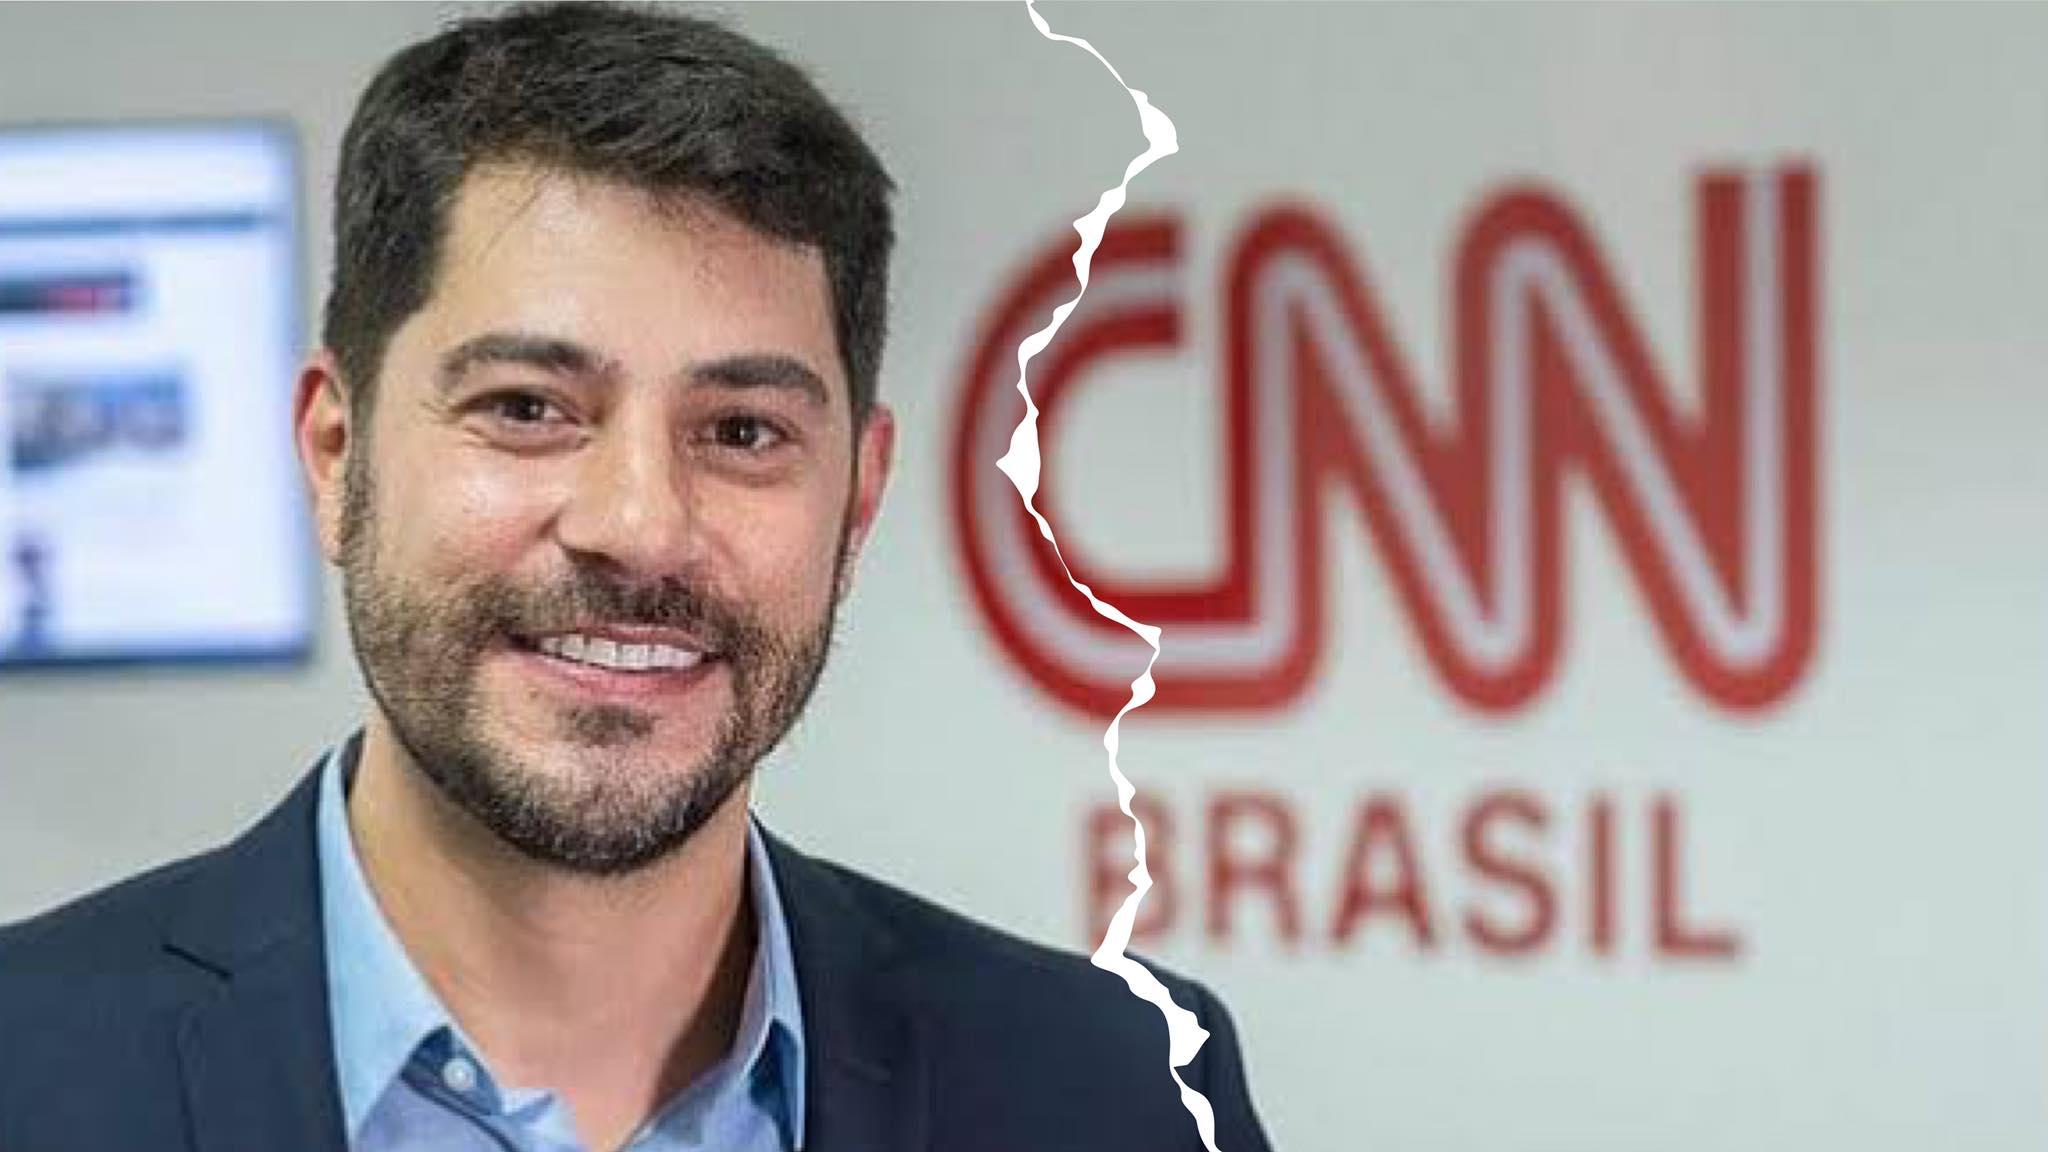 Evaristo Costa mora na Inglaterra com a família e estava na CNN desde junho de 2019. Fonte Instagram